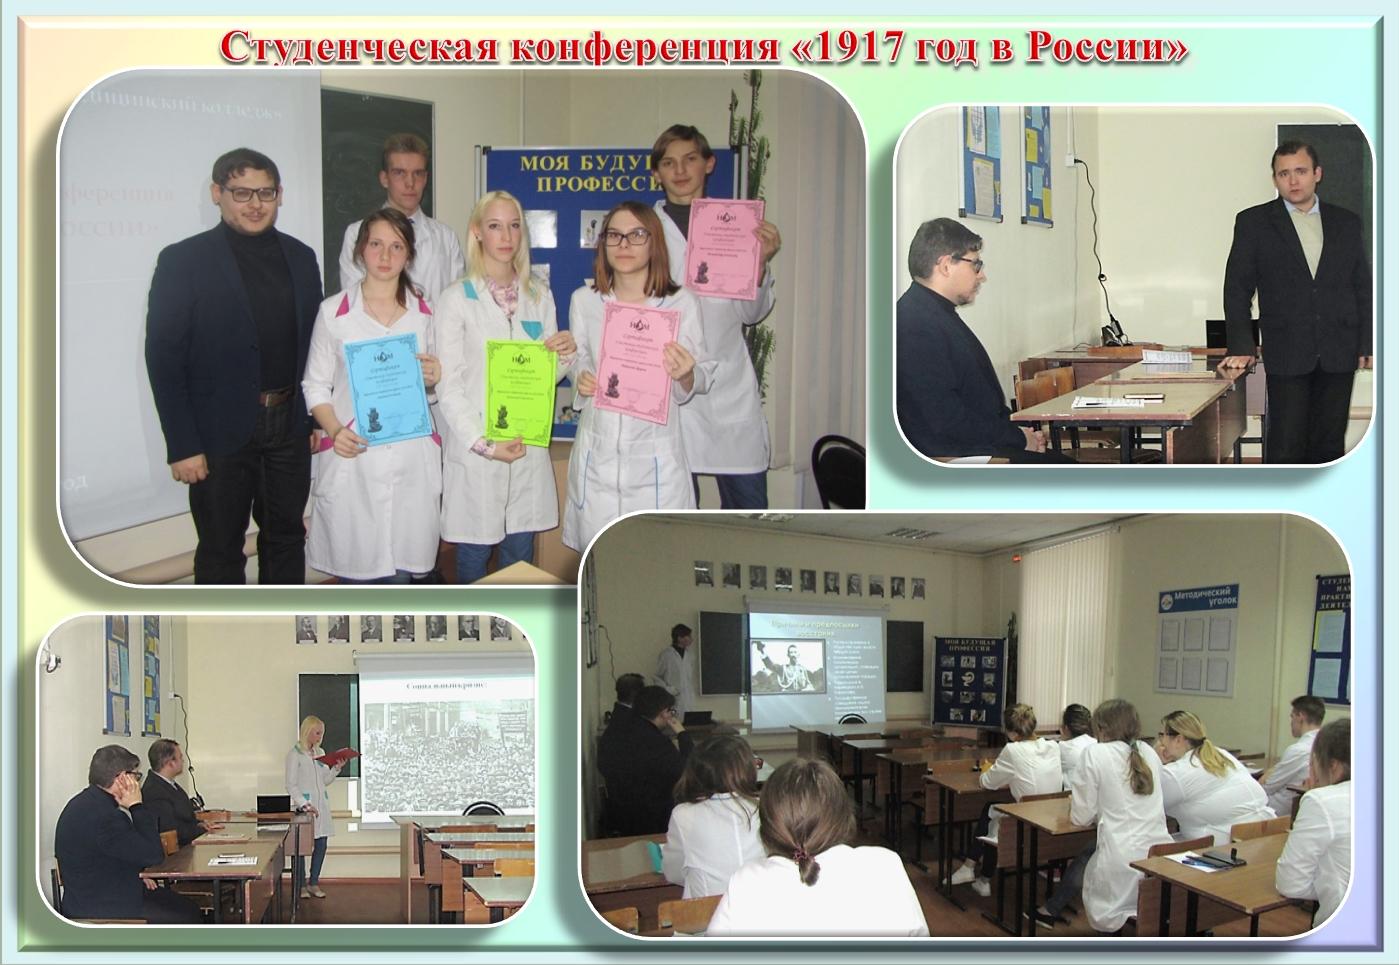 Популярные медицинские конференции 2017 год 000 рублей